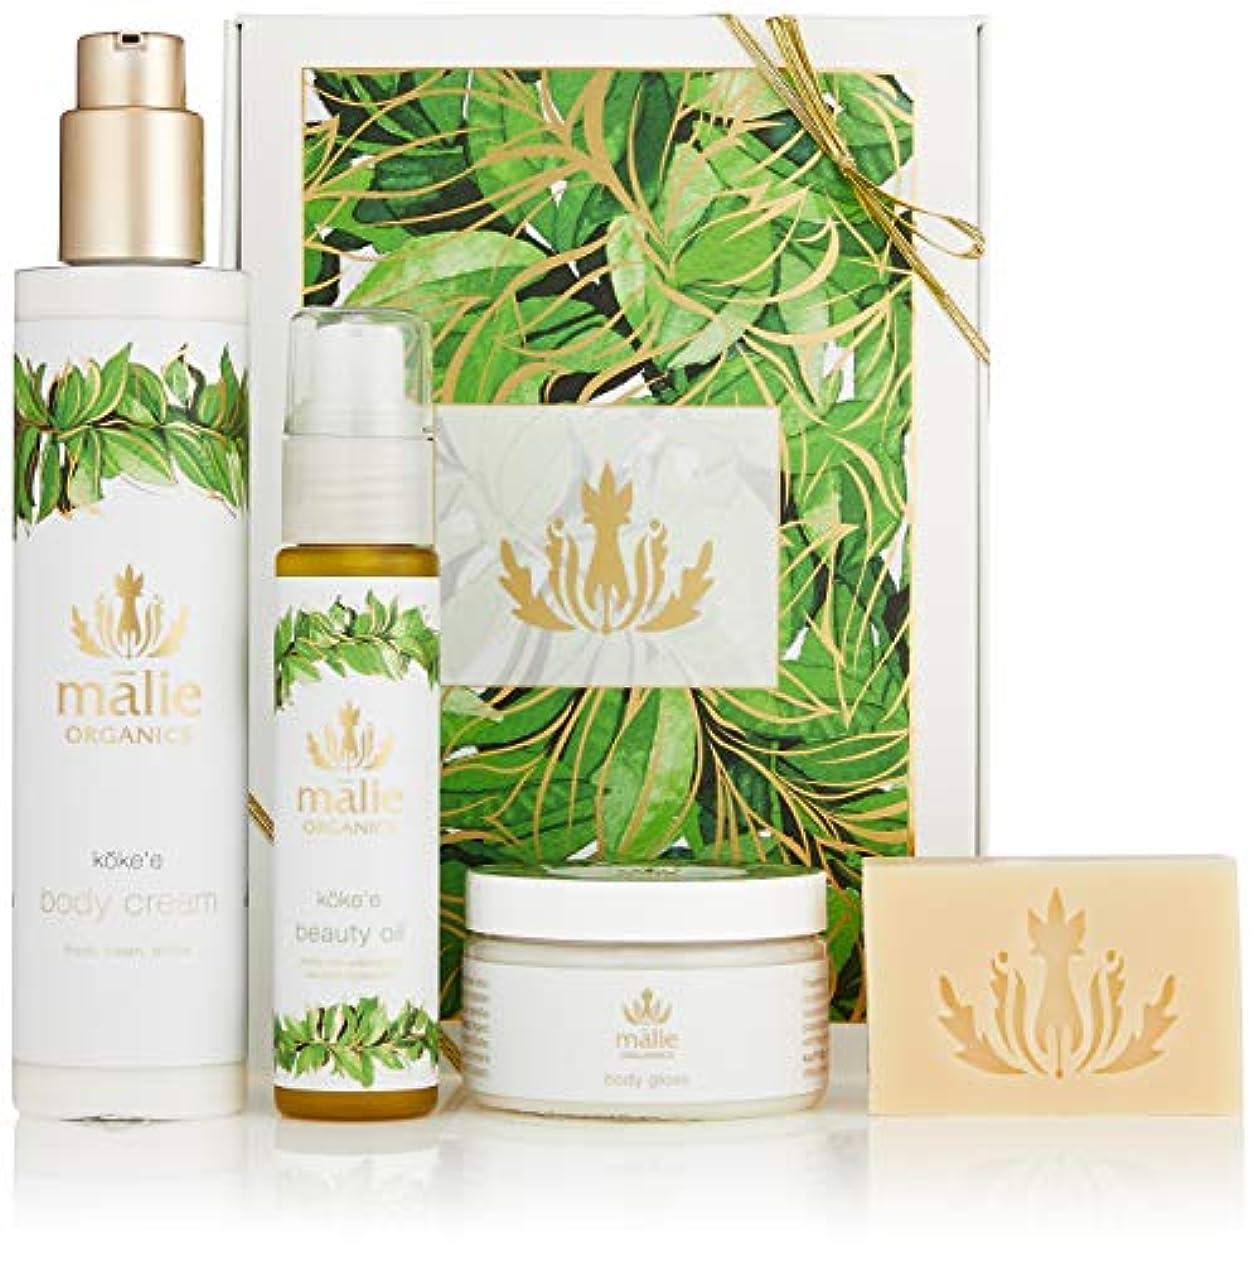 理想的暴露規定Malie Organics(マリエオーガニクス) ラックススパボックス コケエ (セット内容:Beauty Oil 75ml/ Body Cream 222ml/ Body Gloss 113g / Luxe Cream...